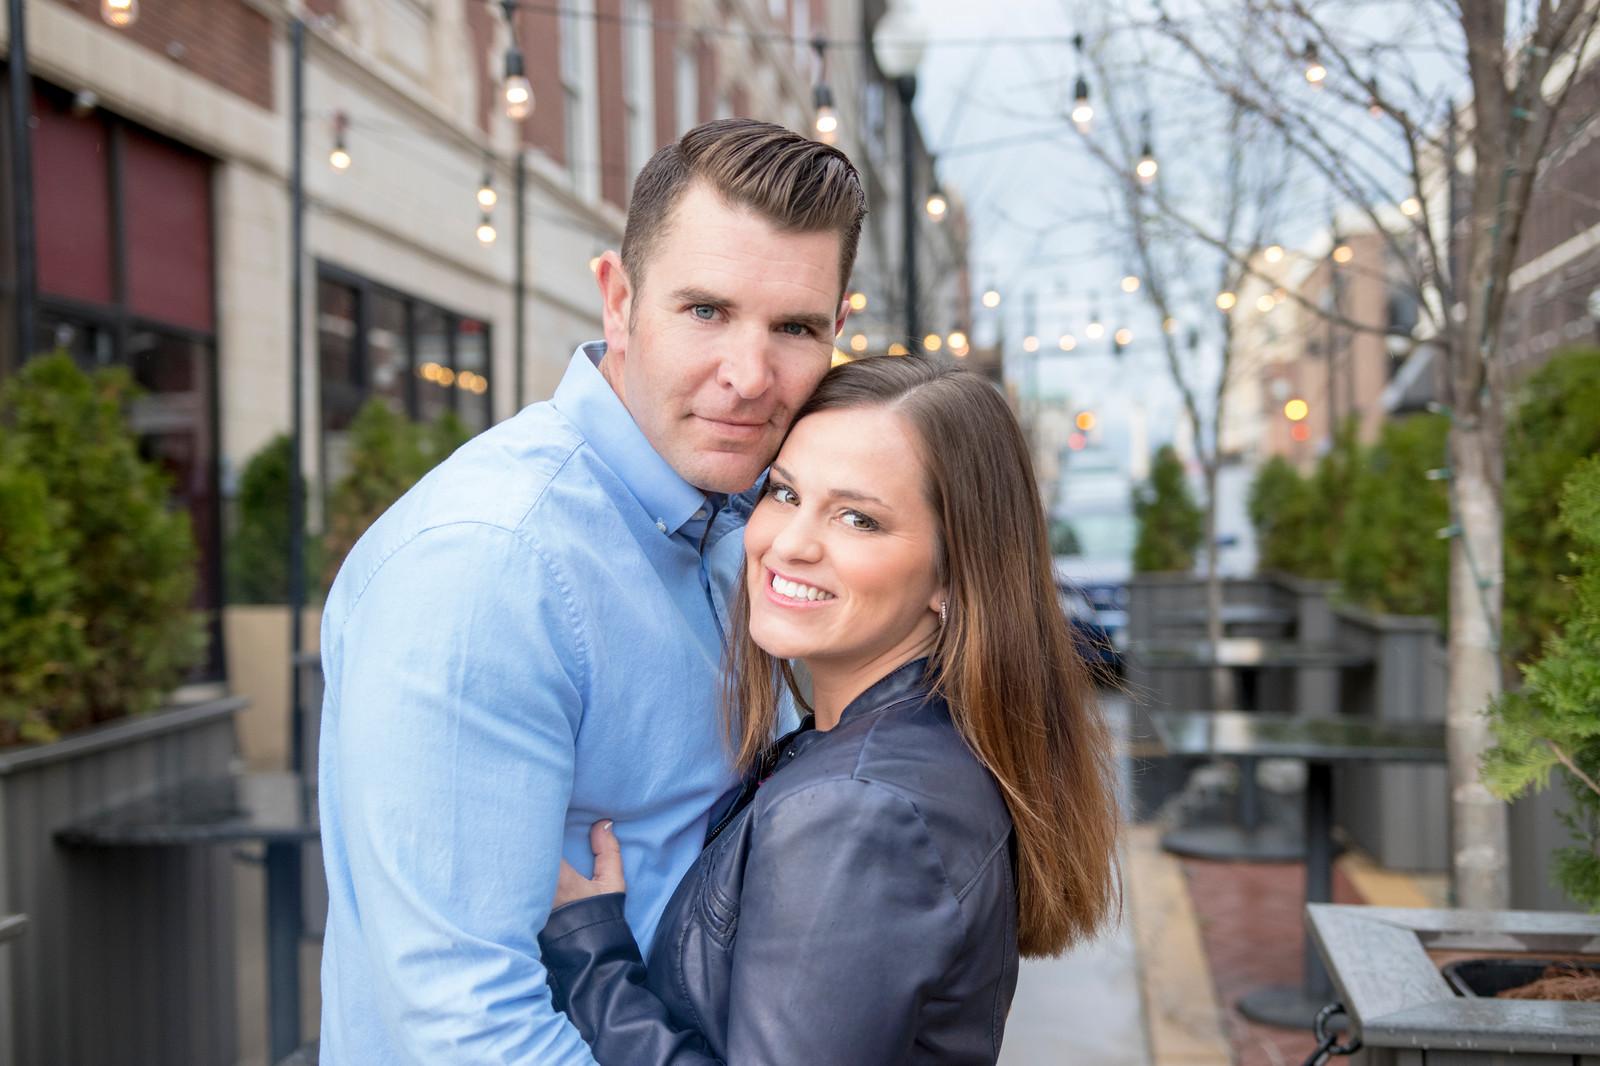 Atletische dating websites